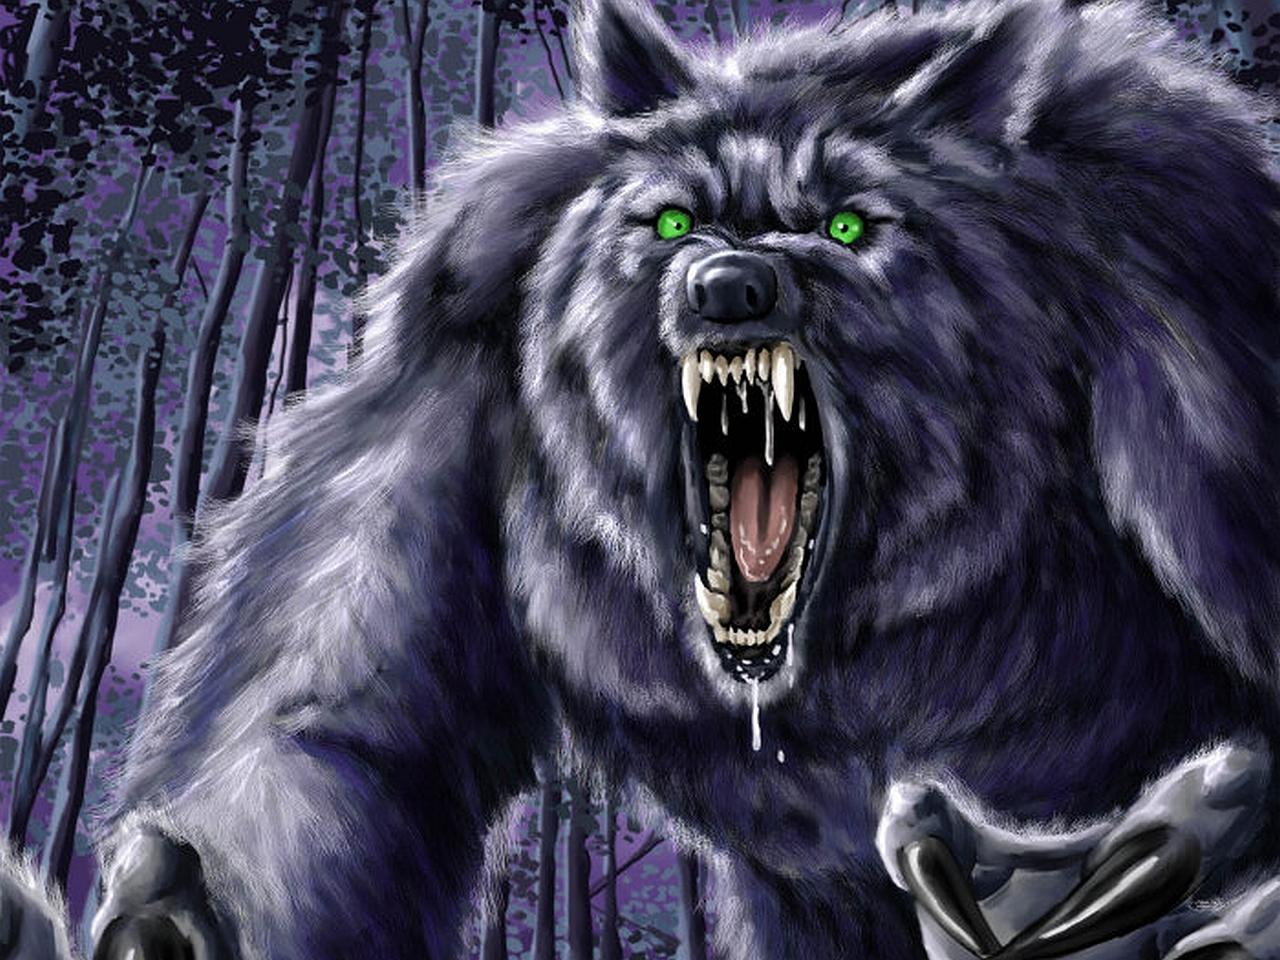 Dark Werewolf Wallpaper 1280x960 Dark Werewolf 1280x960